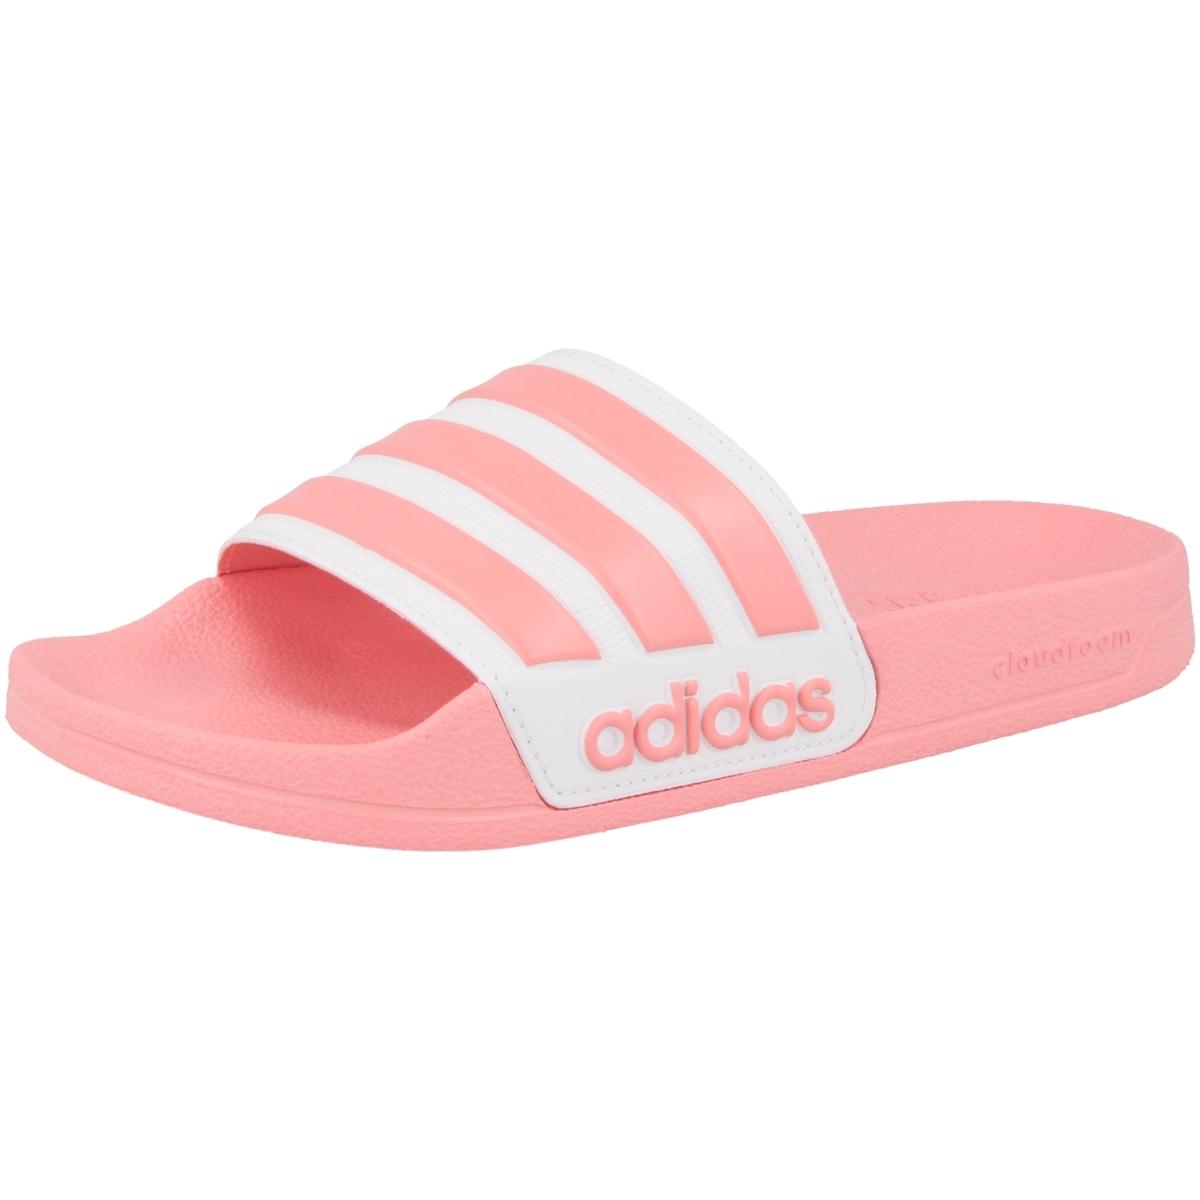 Adidas Adilette Shower Badelatschen Damen white pink im